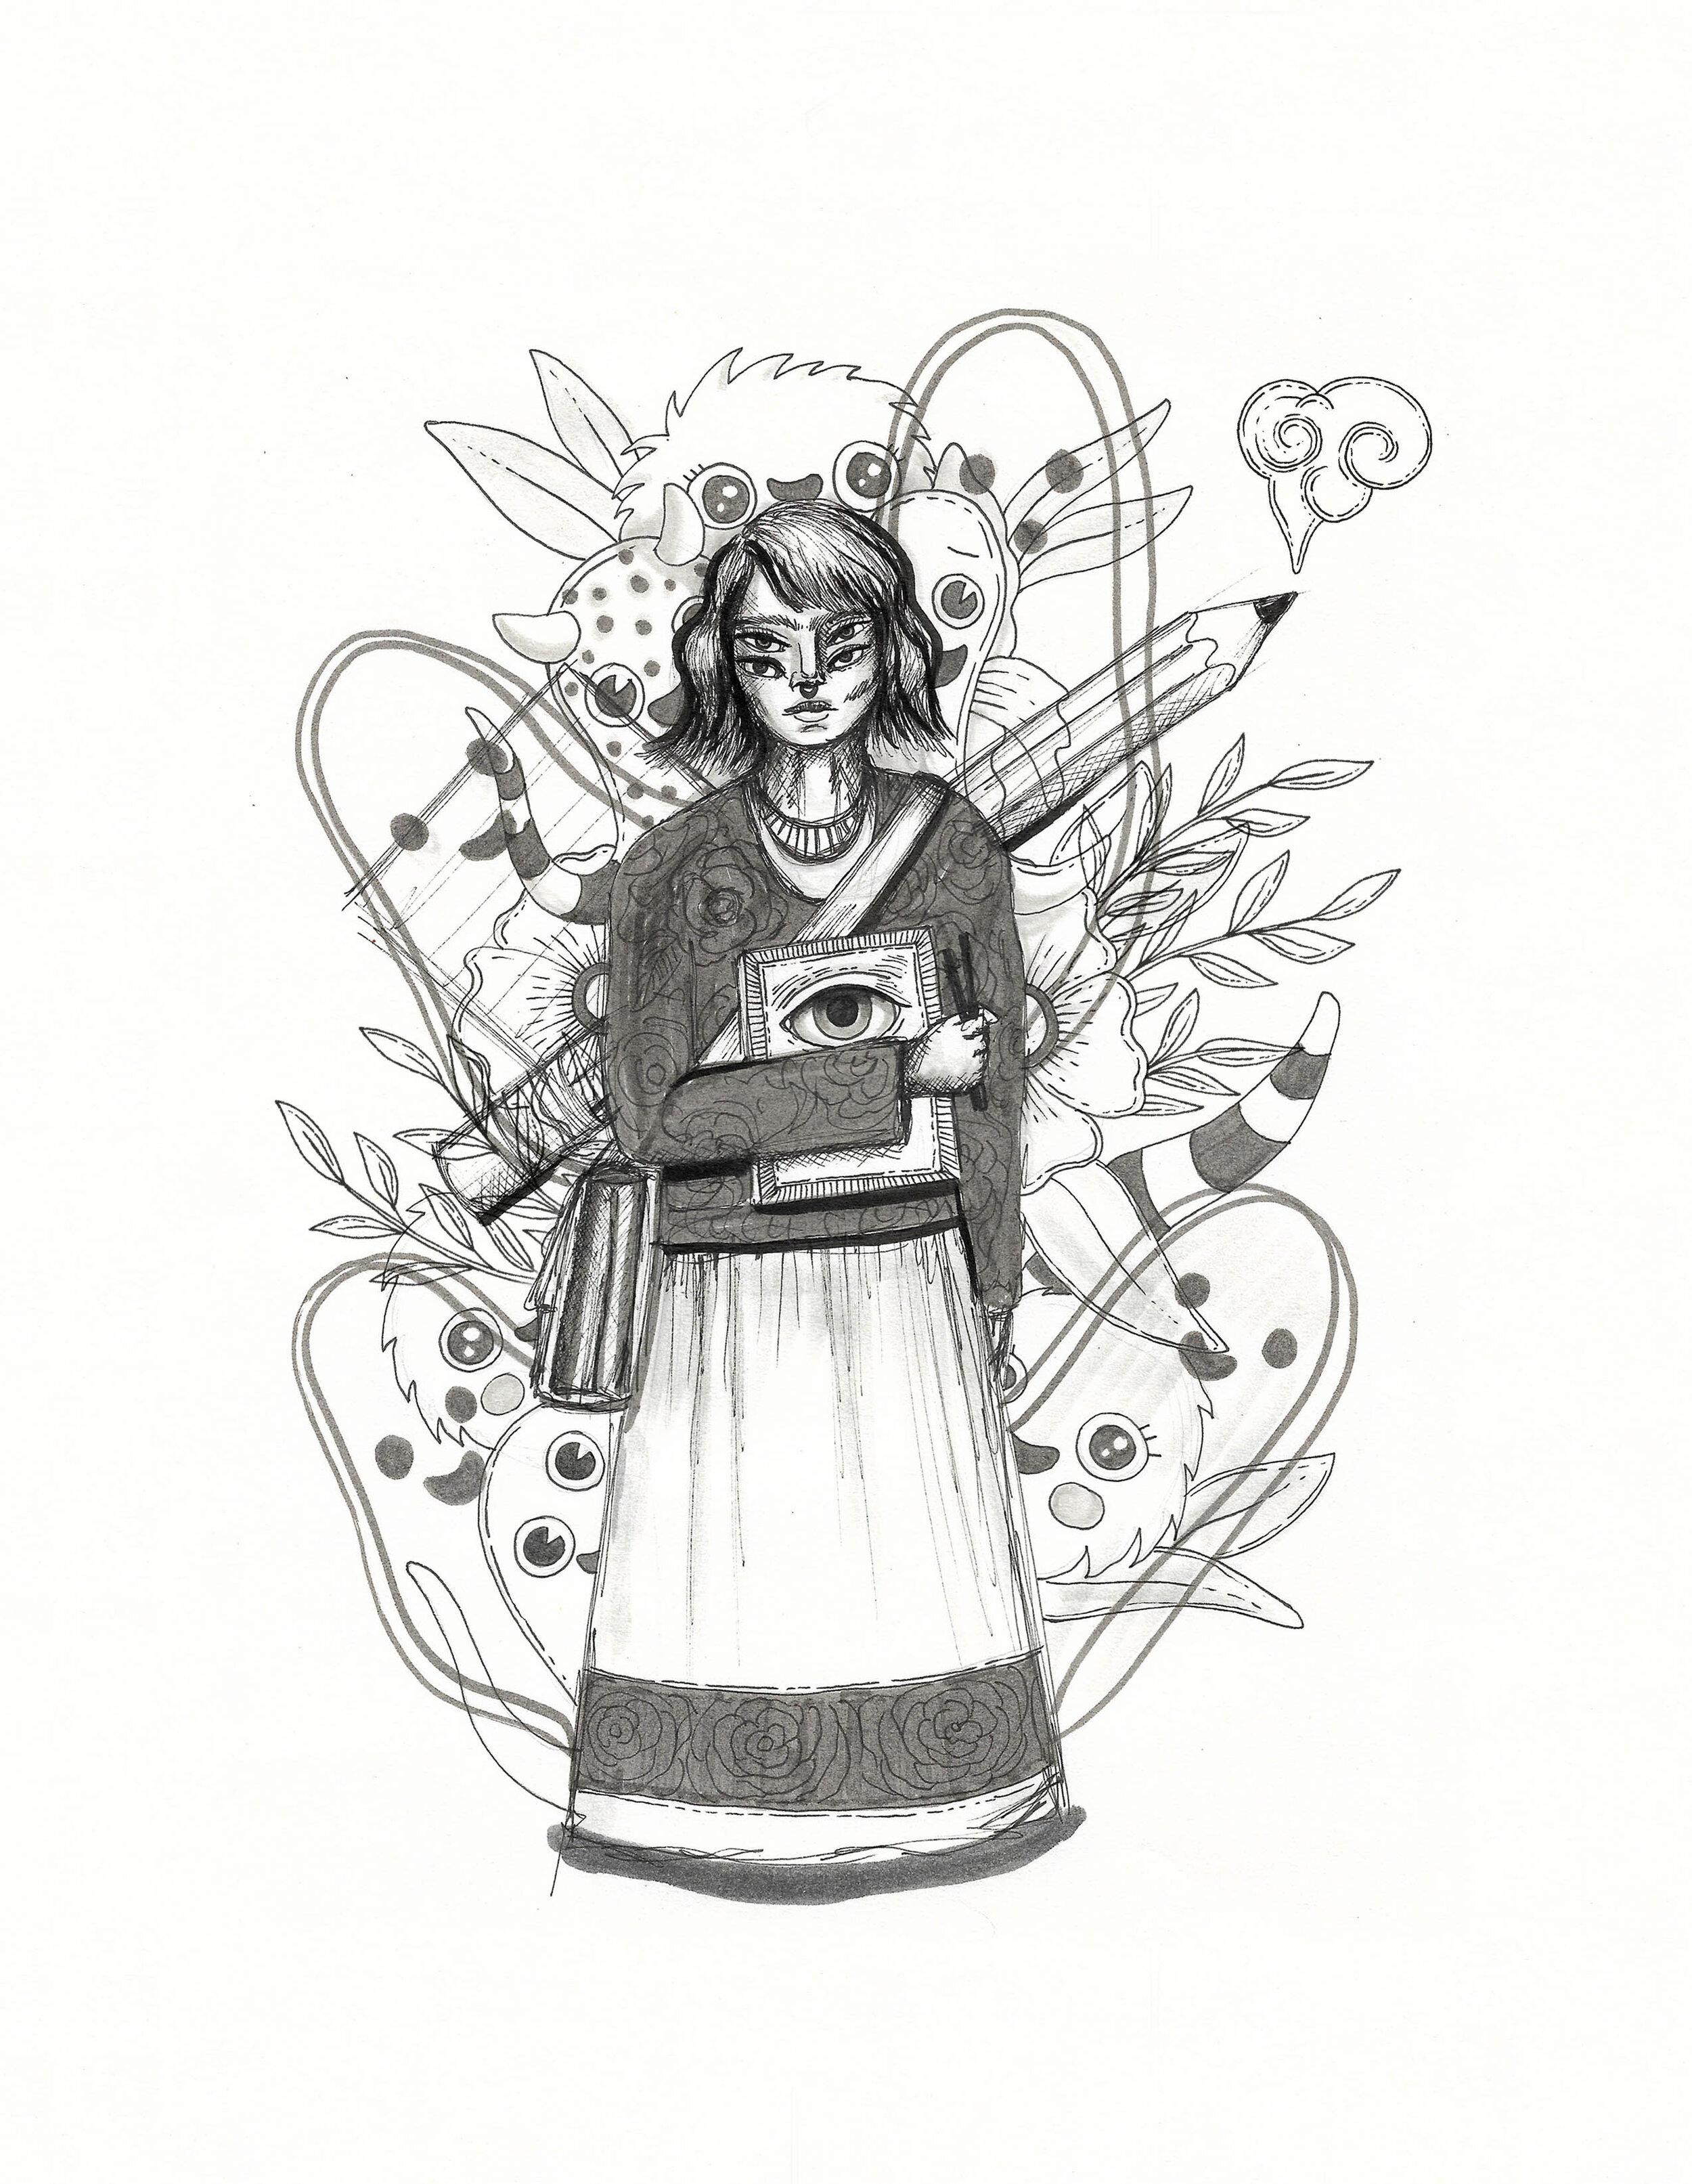 Inktober 2019 Ink drawing illustration artwork by Ale De la Torre Ink on paper